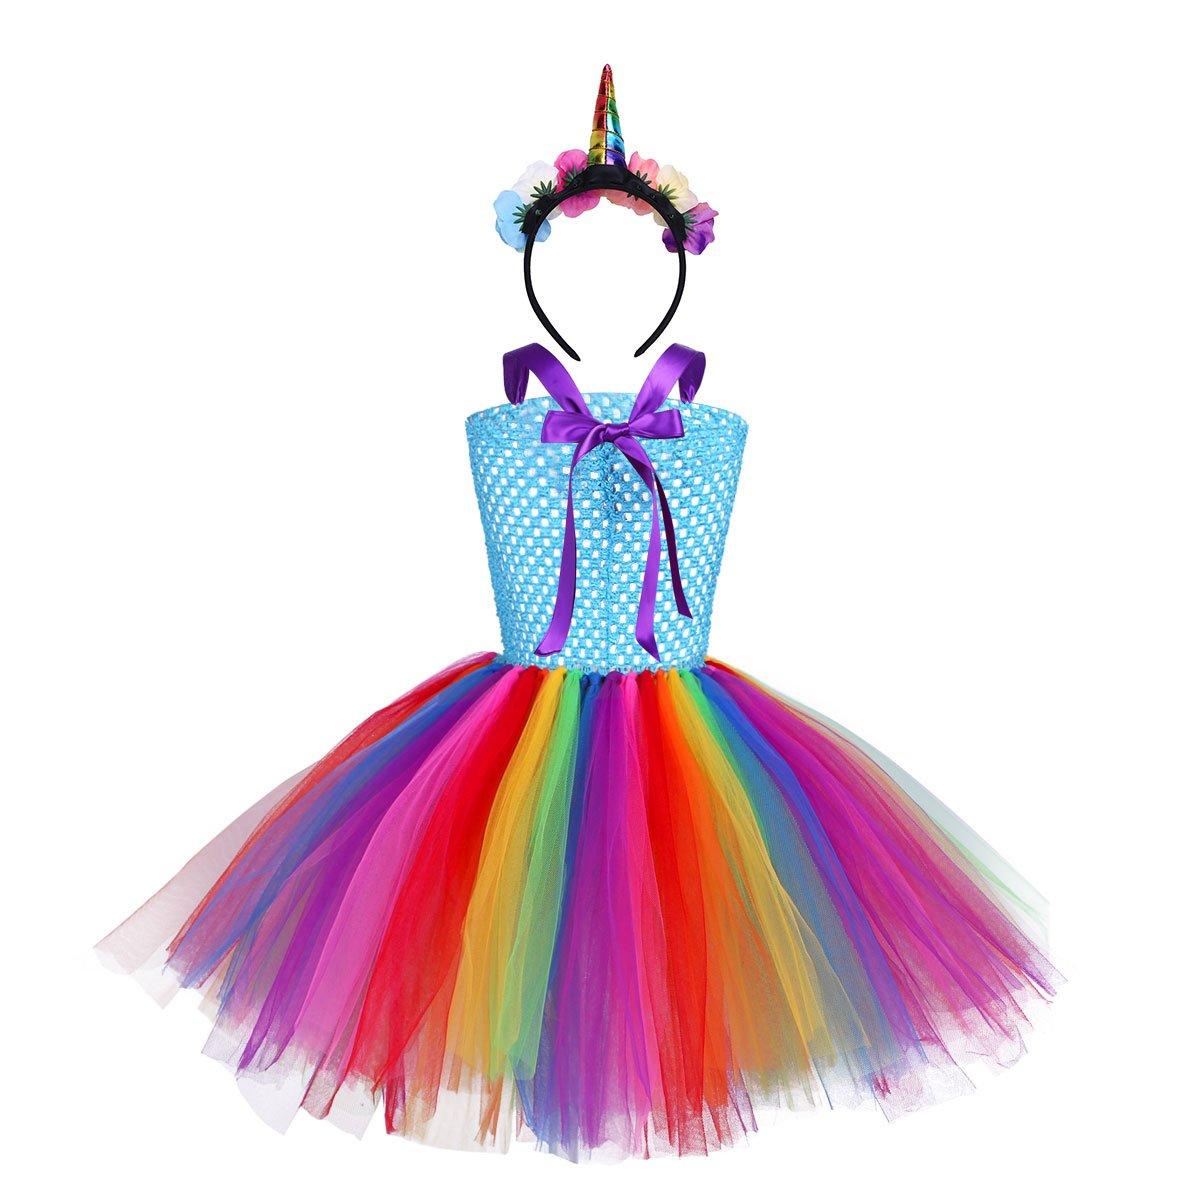 Iefiel Einhorn Prinzessin Kostum Fur Kinder Komplettes Einhorn